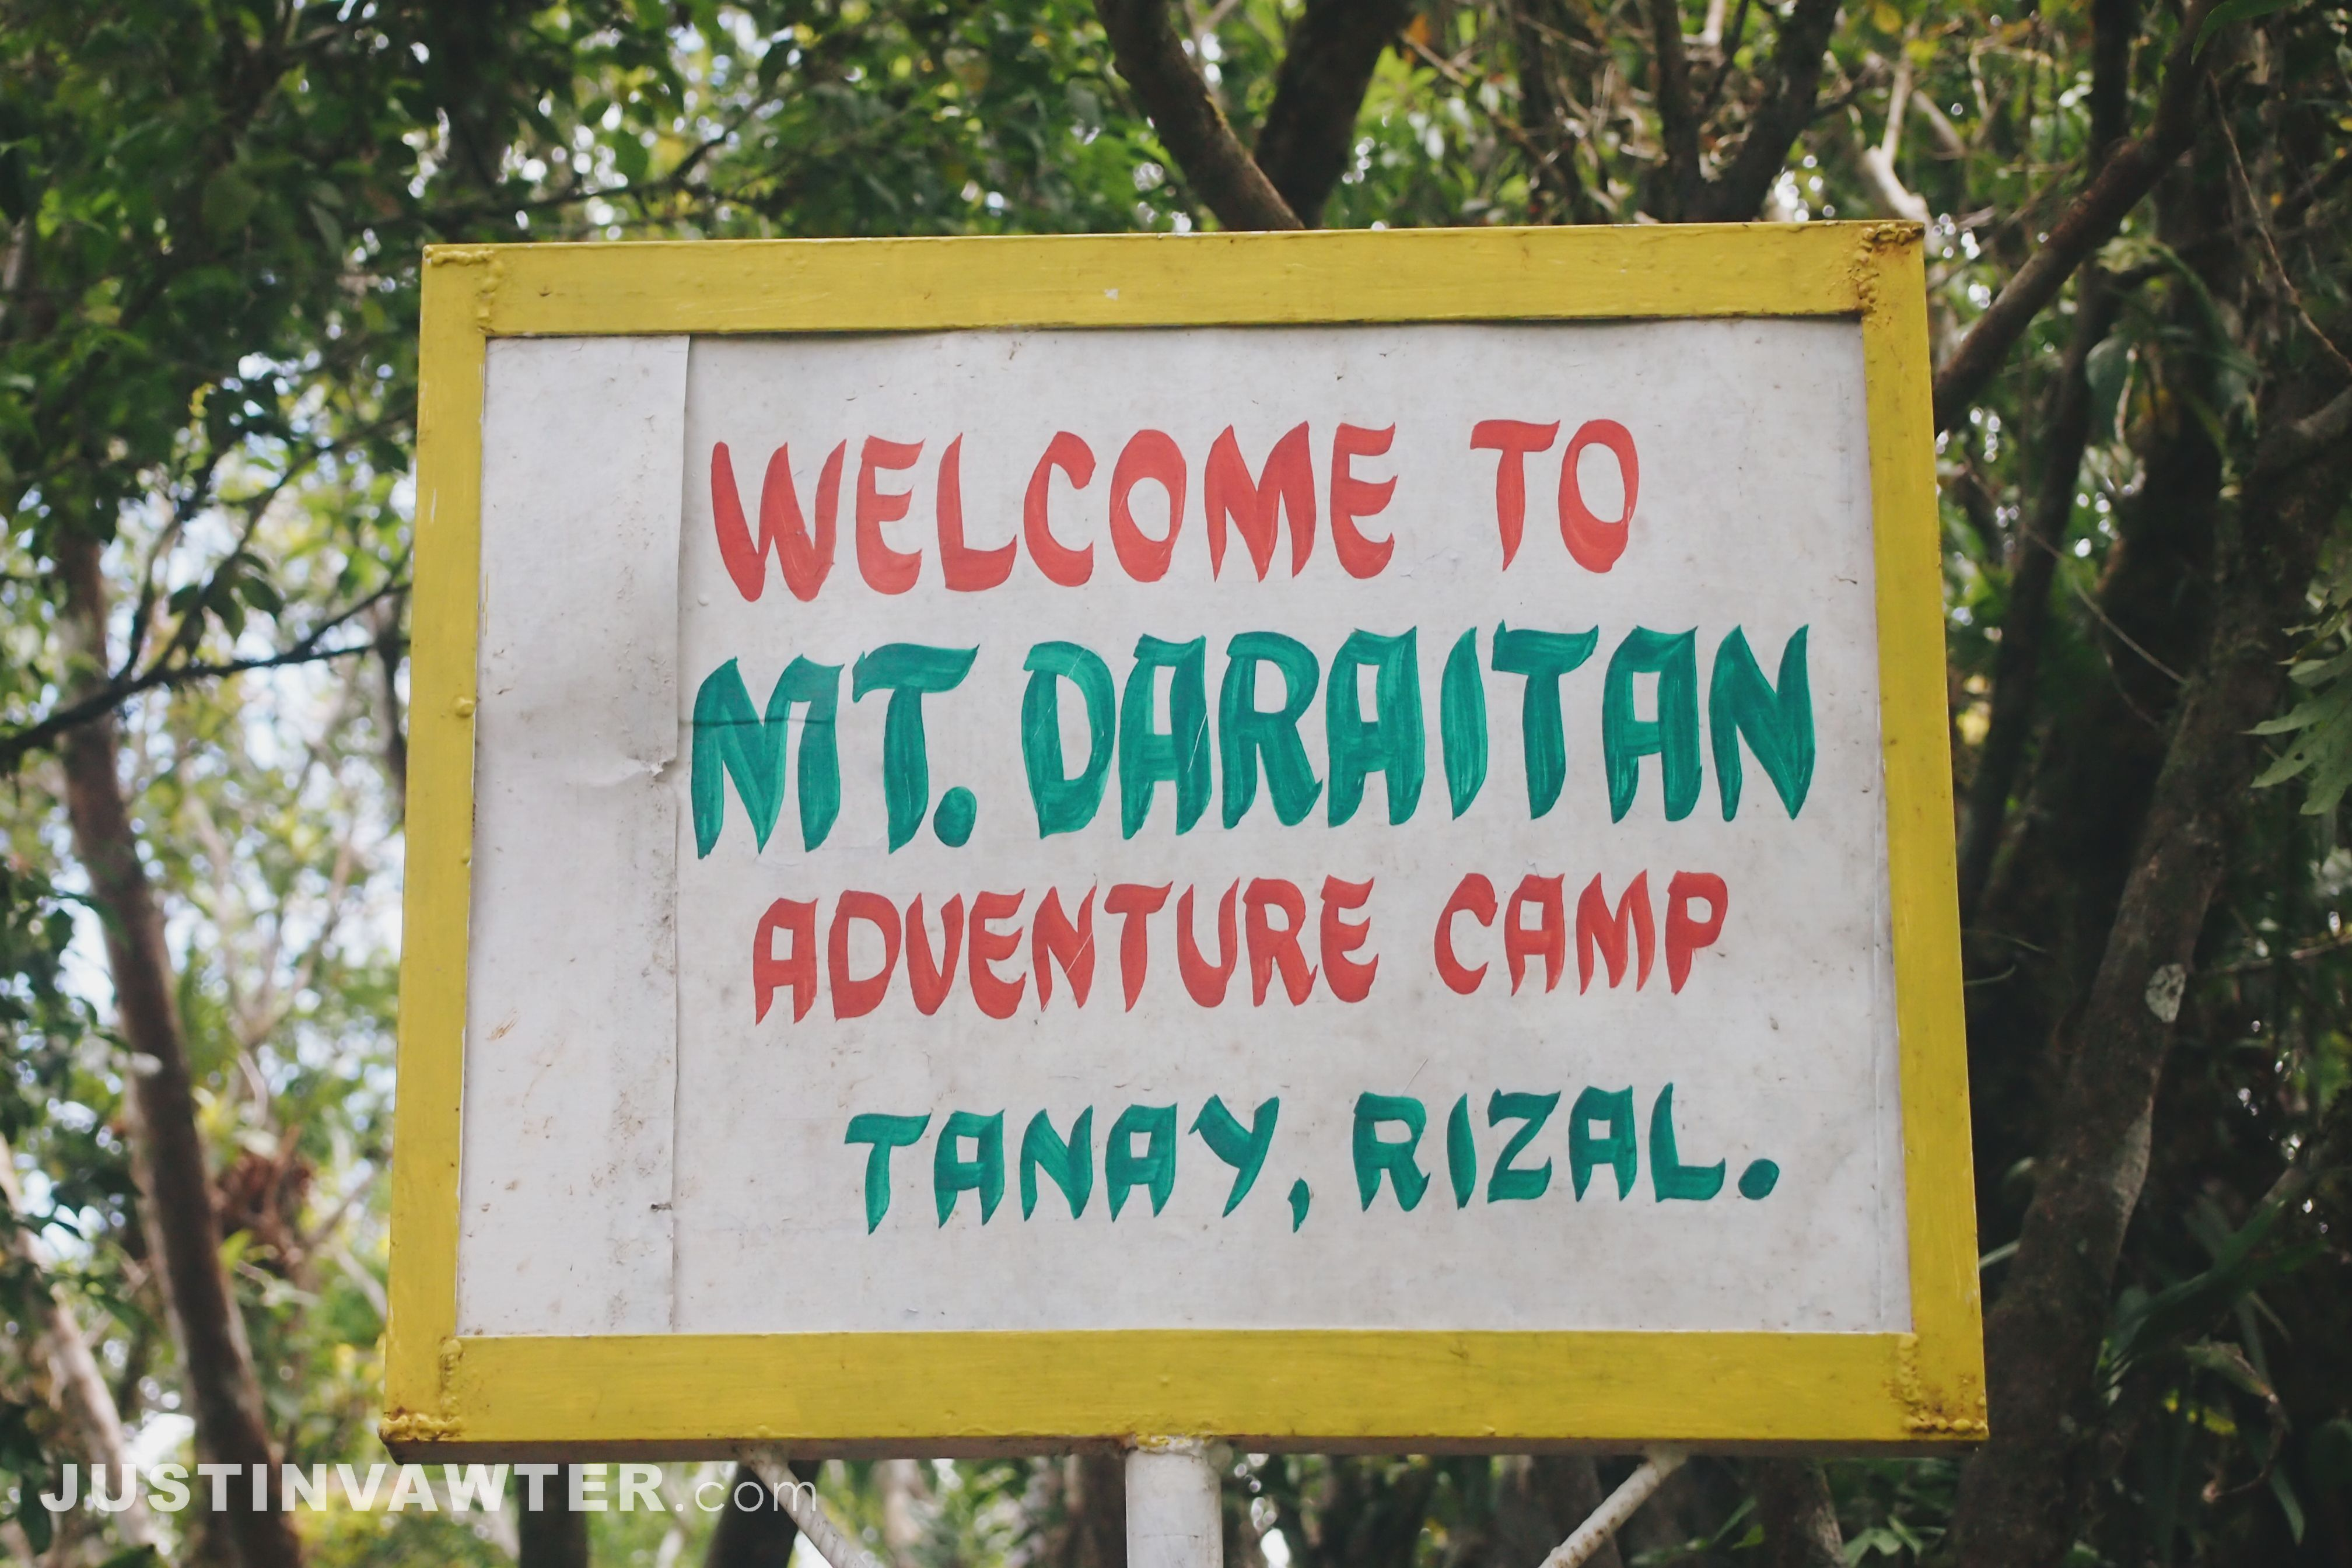 Mt. Daraitan